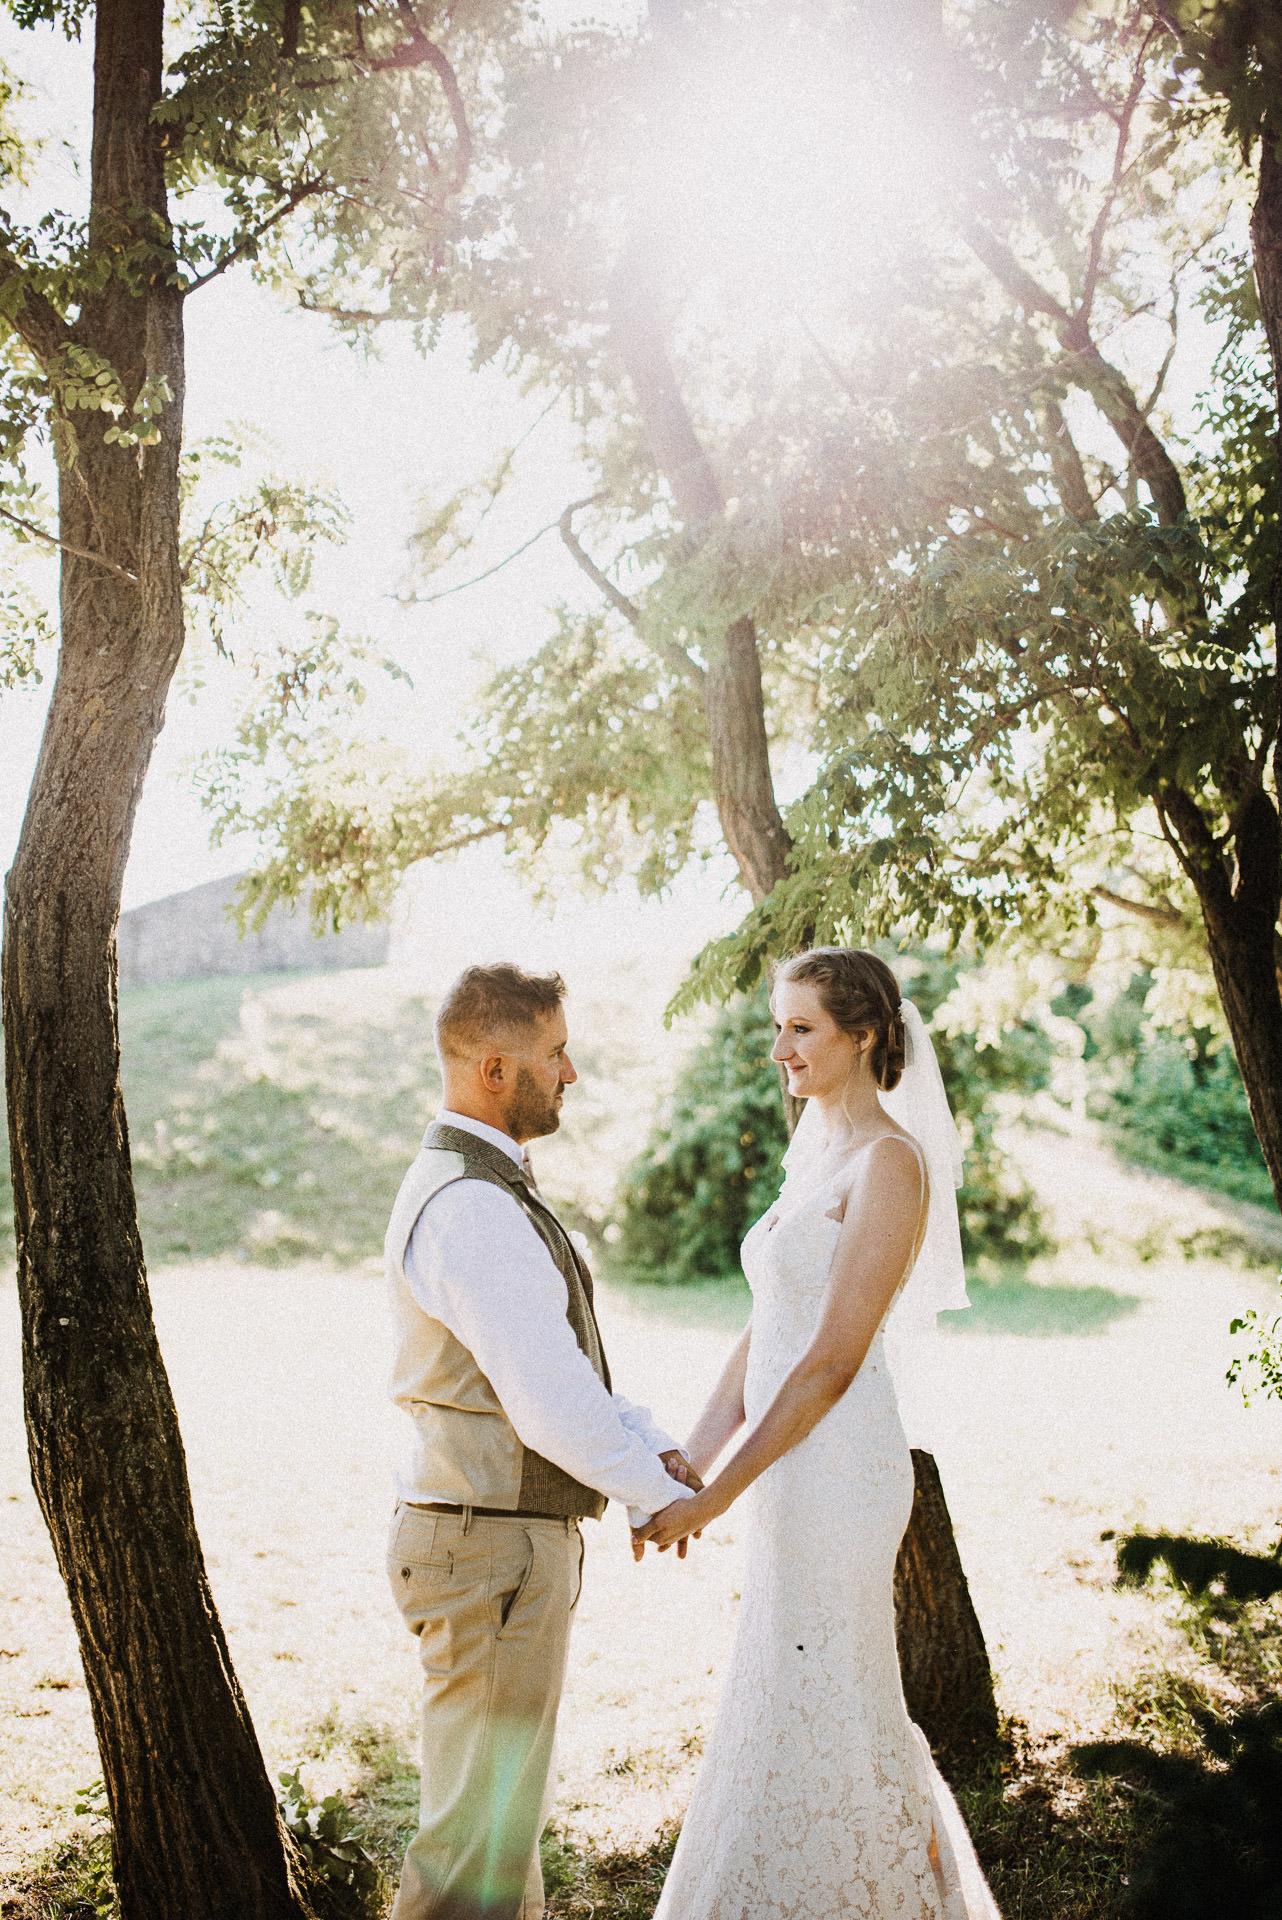 kreativ foto volegeny menyasszony holding hands kezen fogva